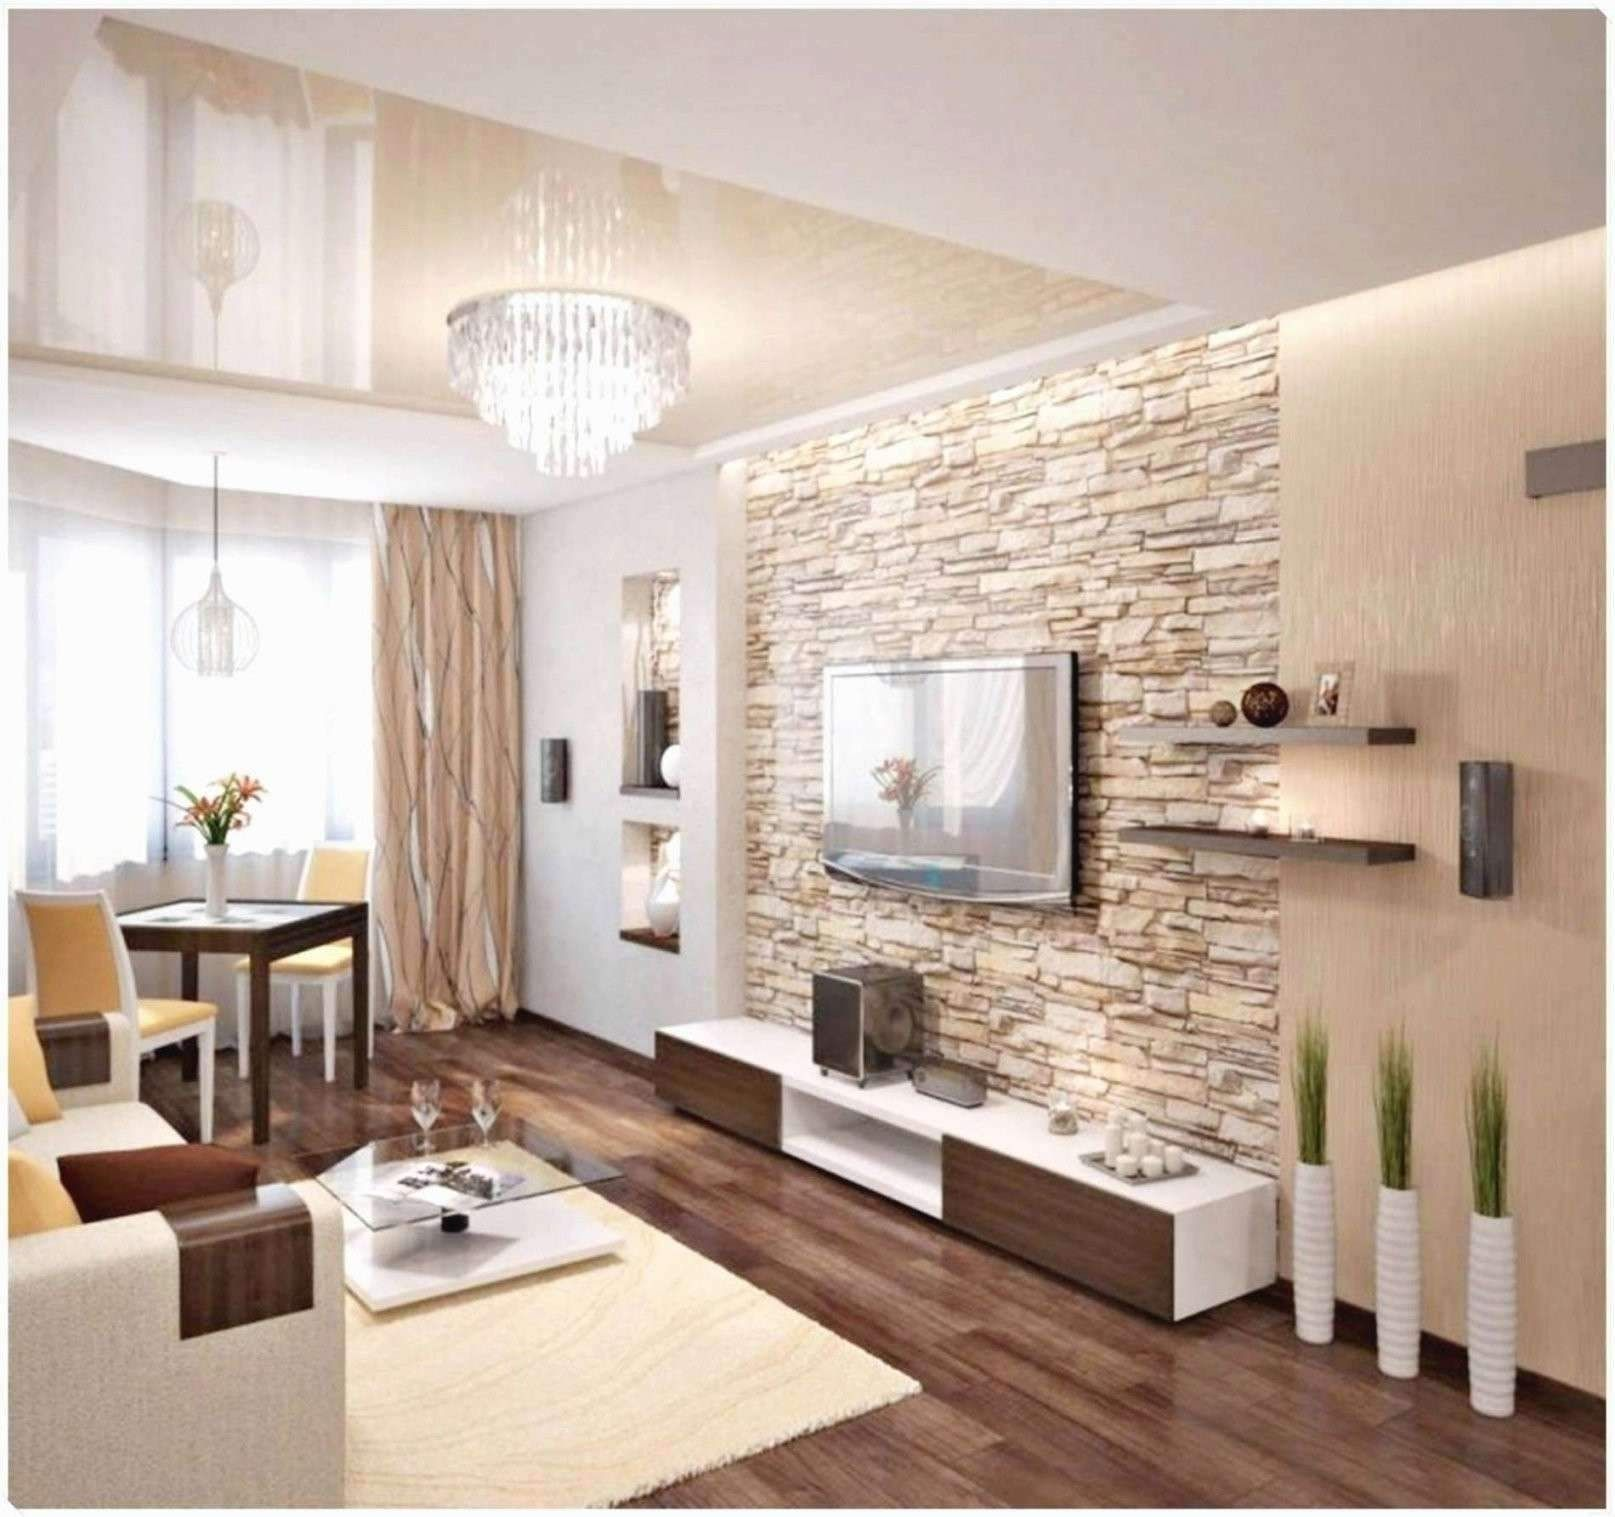 Einrichtung Wohnzimmer Ideen in 8  Living room decor modern